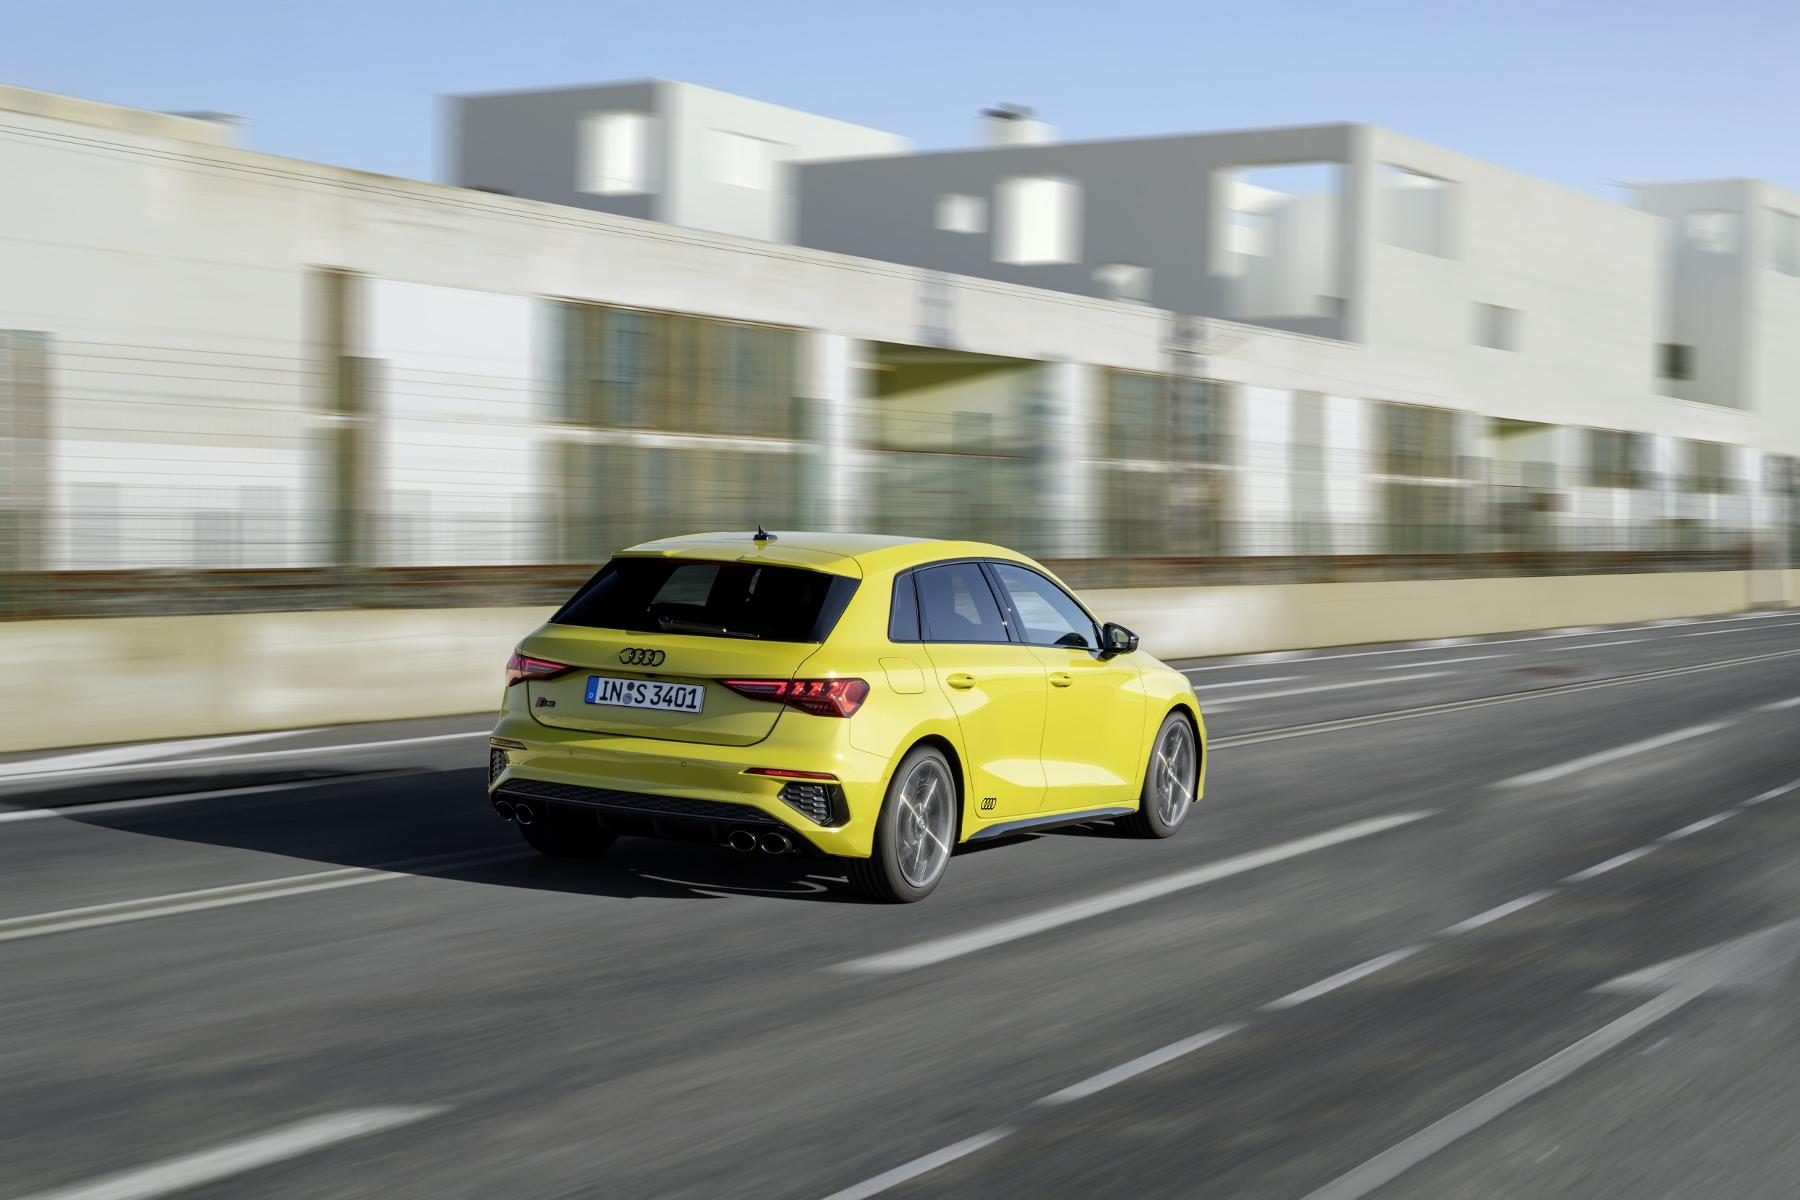 Audi ukázalo modely S3 Sedan a Sportback. Prezradilo aj nemeckú cenu tY9u6HSTyn a204405large-1800x12